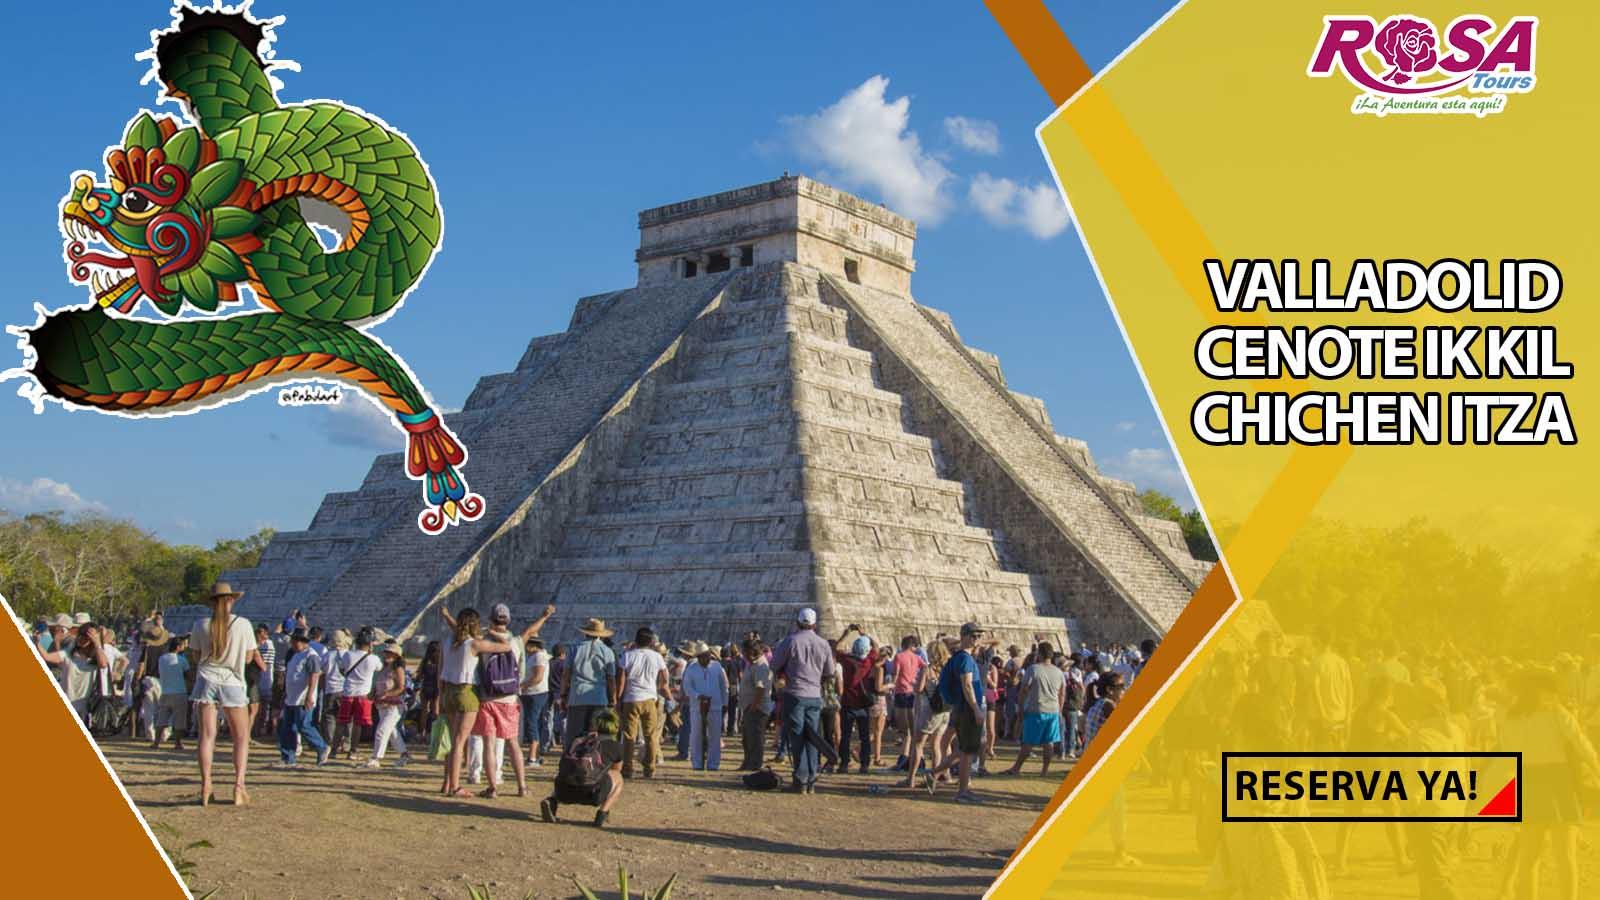 Chichen Itzá Equinoccio 2019 (21 de Marzo)&IN